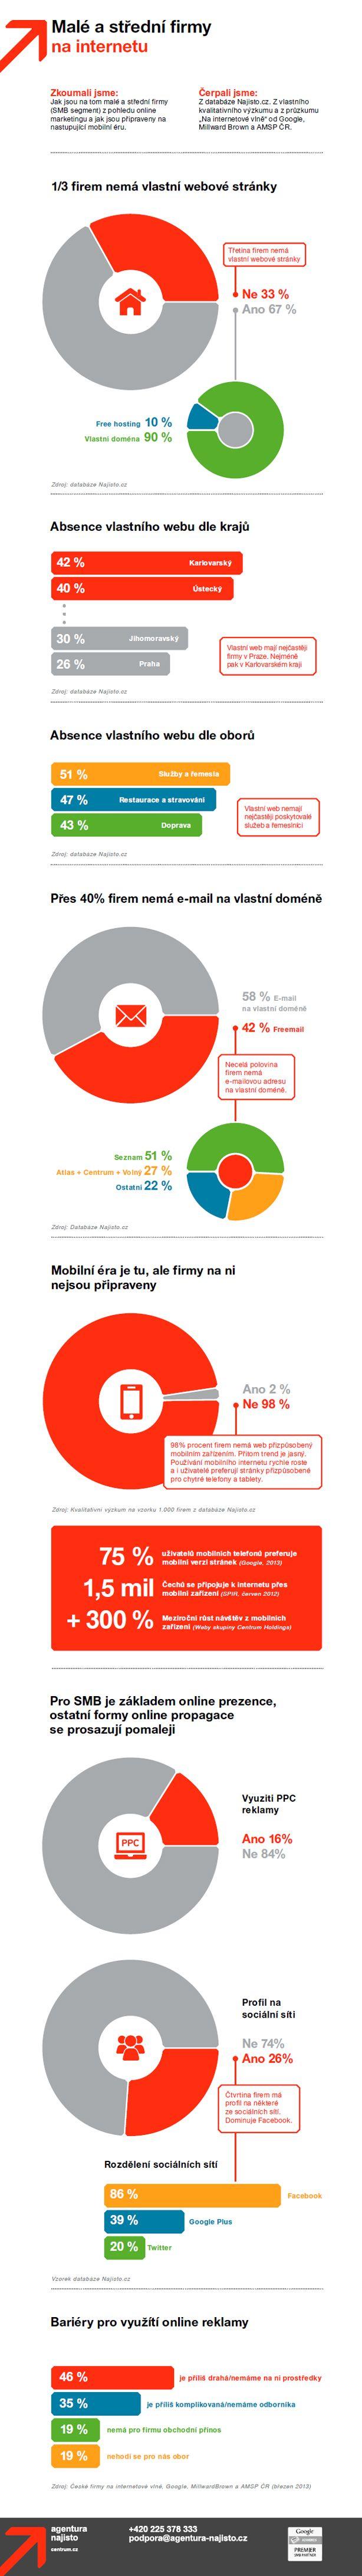 Infografika: Mobilní verzi webu mají jen 2 procenta menších českých firem via http://www.tyinternety.cz/2013/05/15/clanek/infografika-mobilni-verzi-webu-maji-jen-2-procenta-mensich-ceskych-firem/